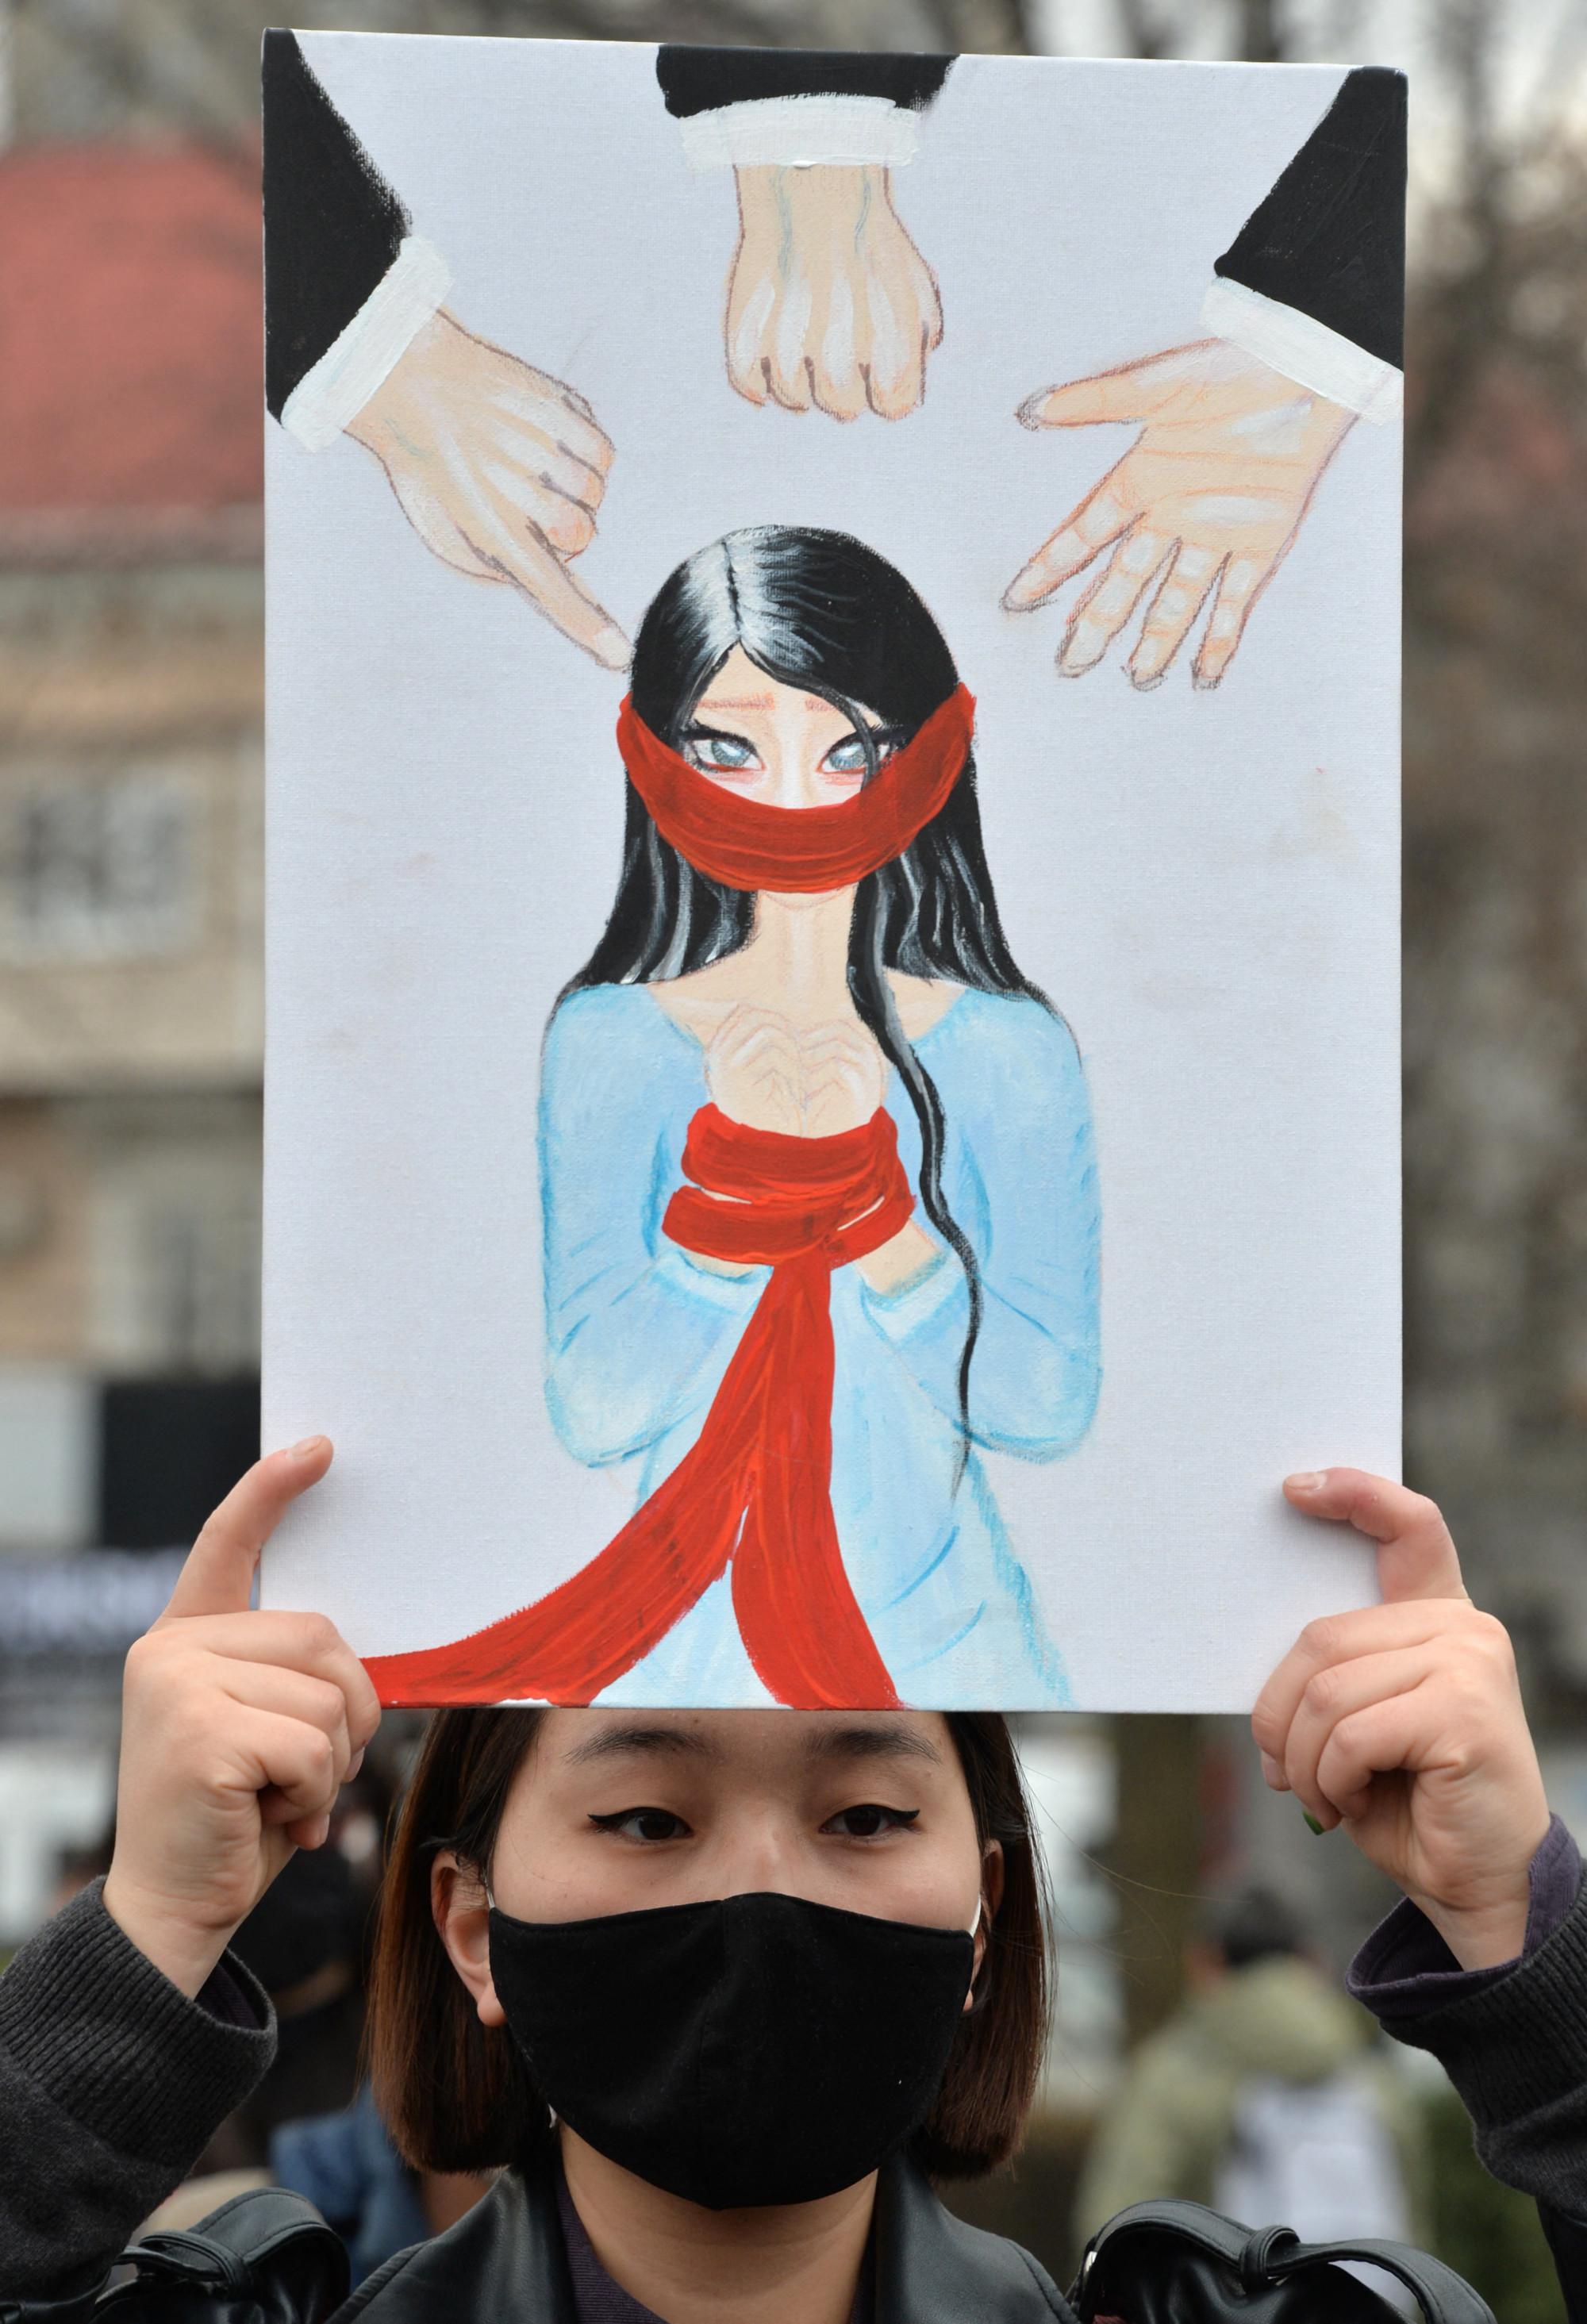 Phụ nữ Kyrgyzstan xem những cuộc cưỡng hôn này không khác gì những cơn ác mộng khủng khiếp - Ảnh: Vyacheslav Oseledko/AFP